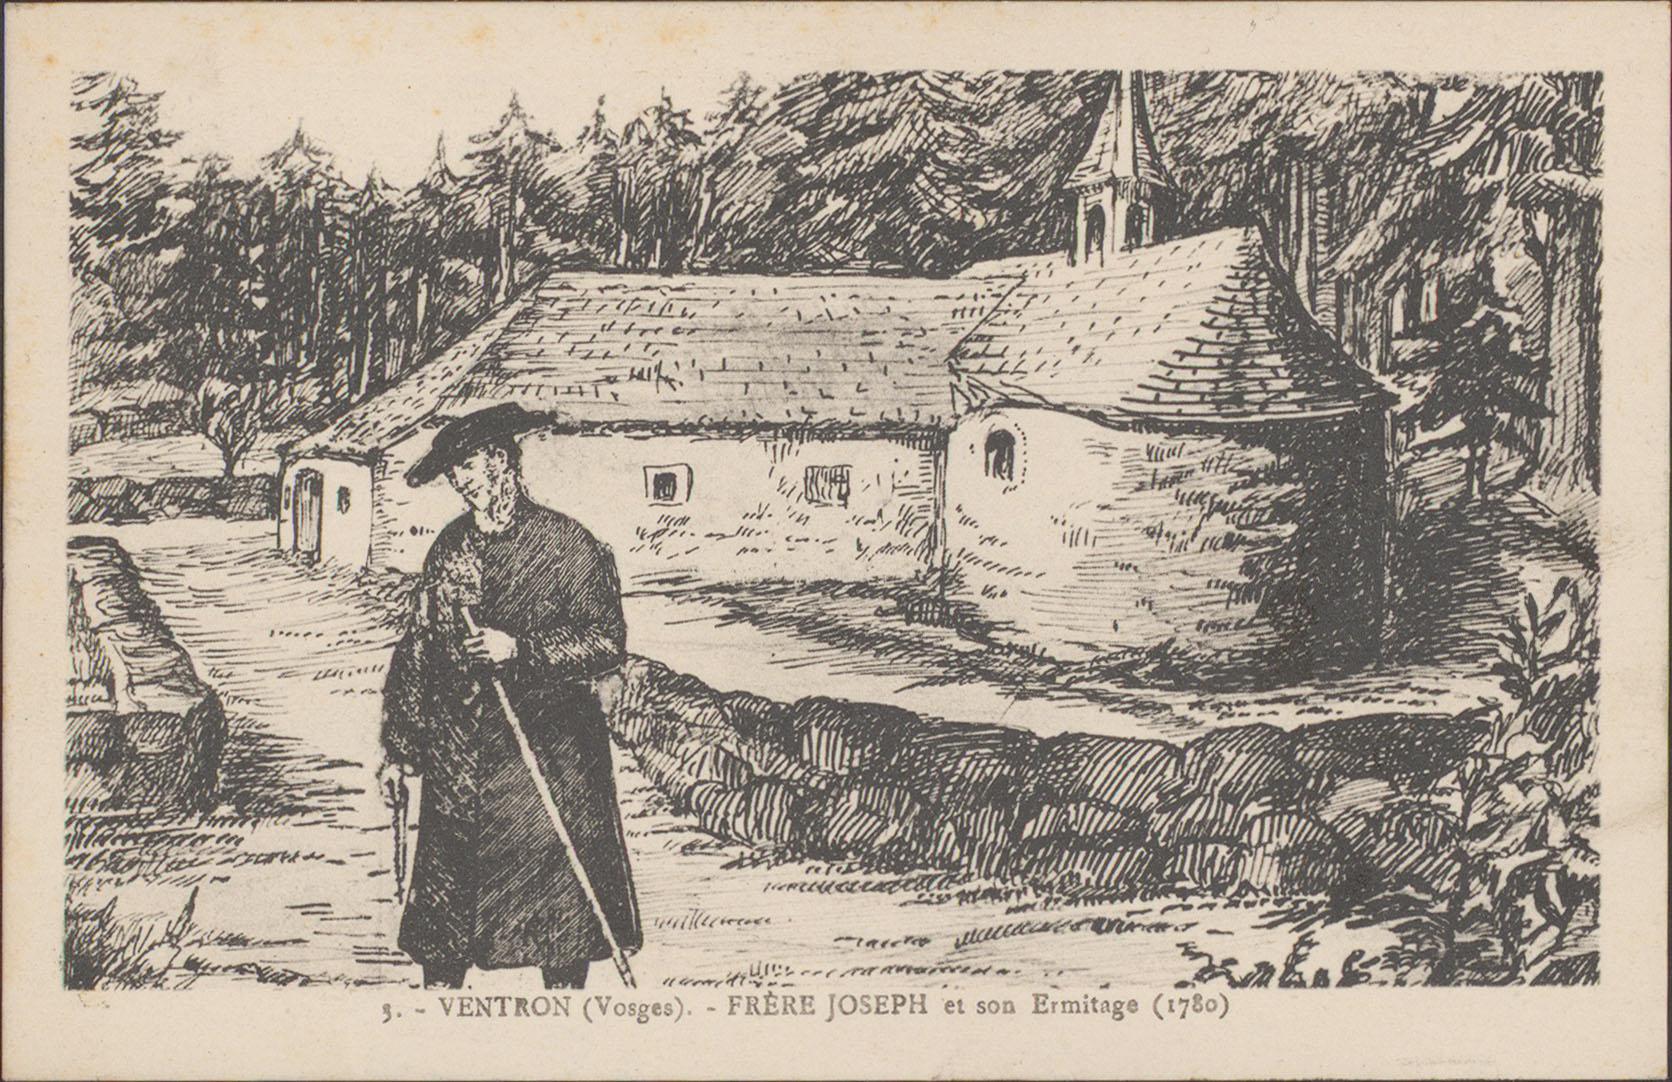 Contenu du Ventron (Vosges), Frère Joseph et son Ermitage (1780)